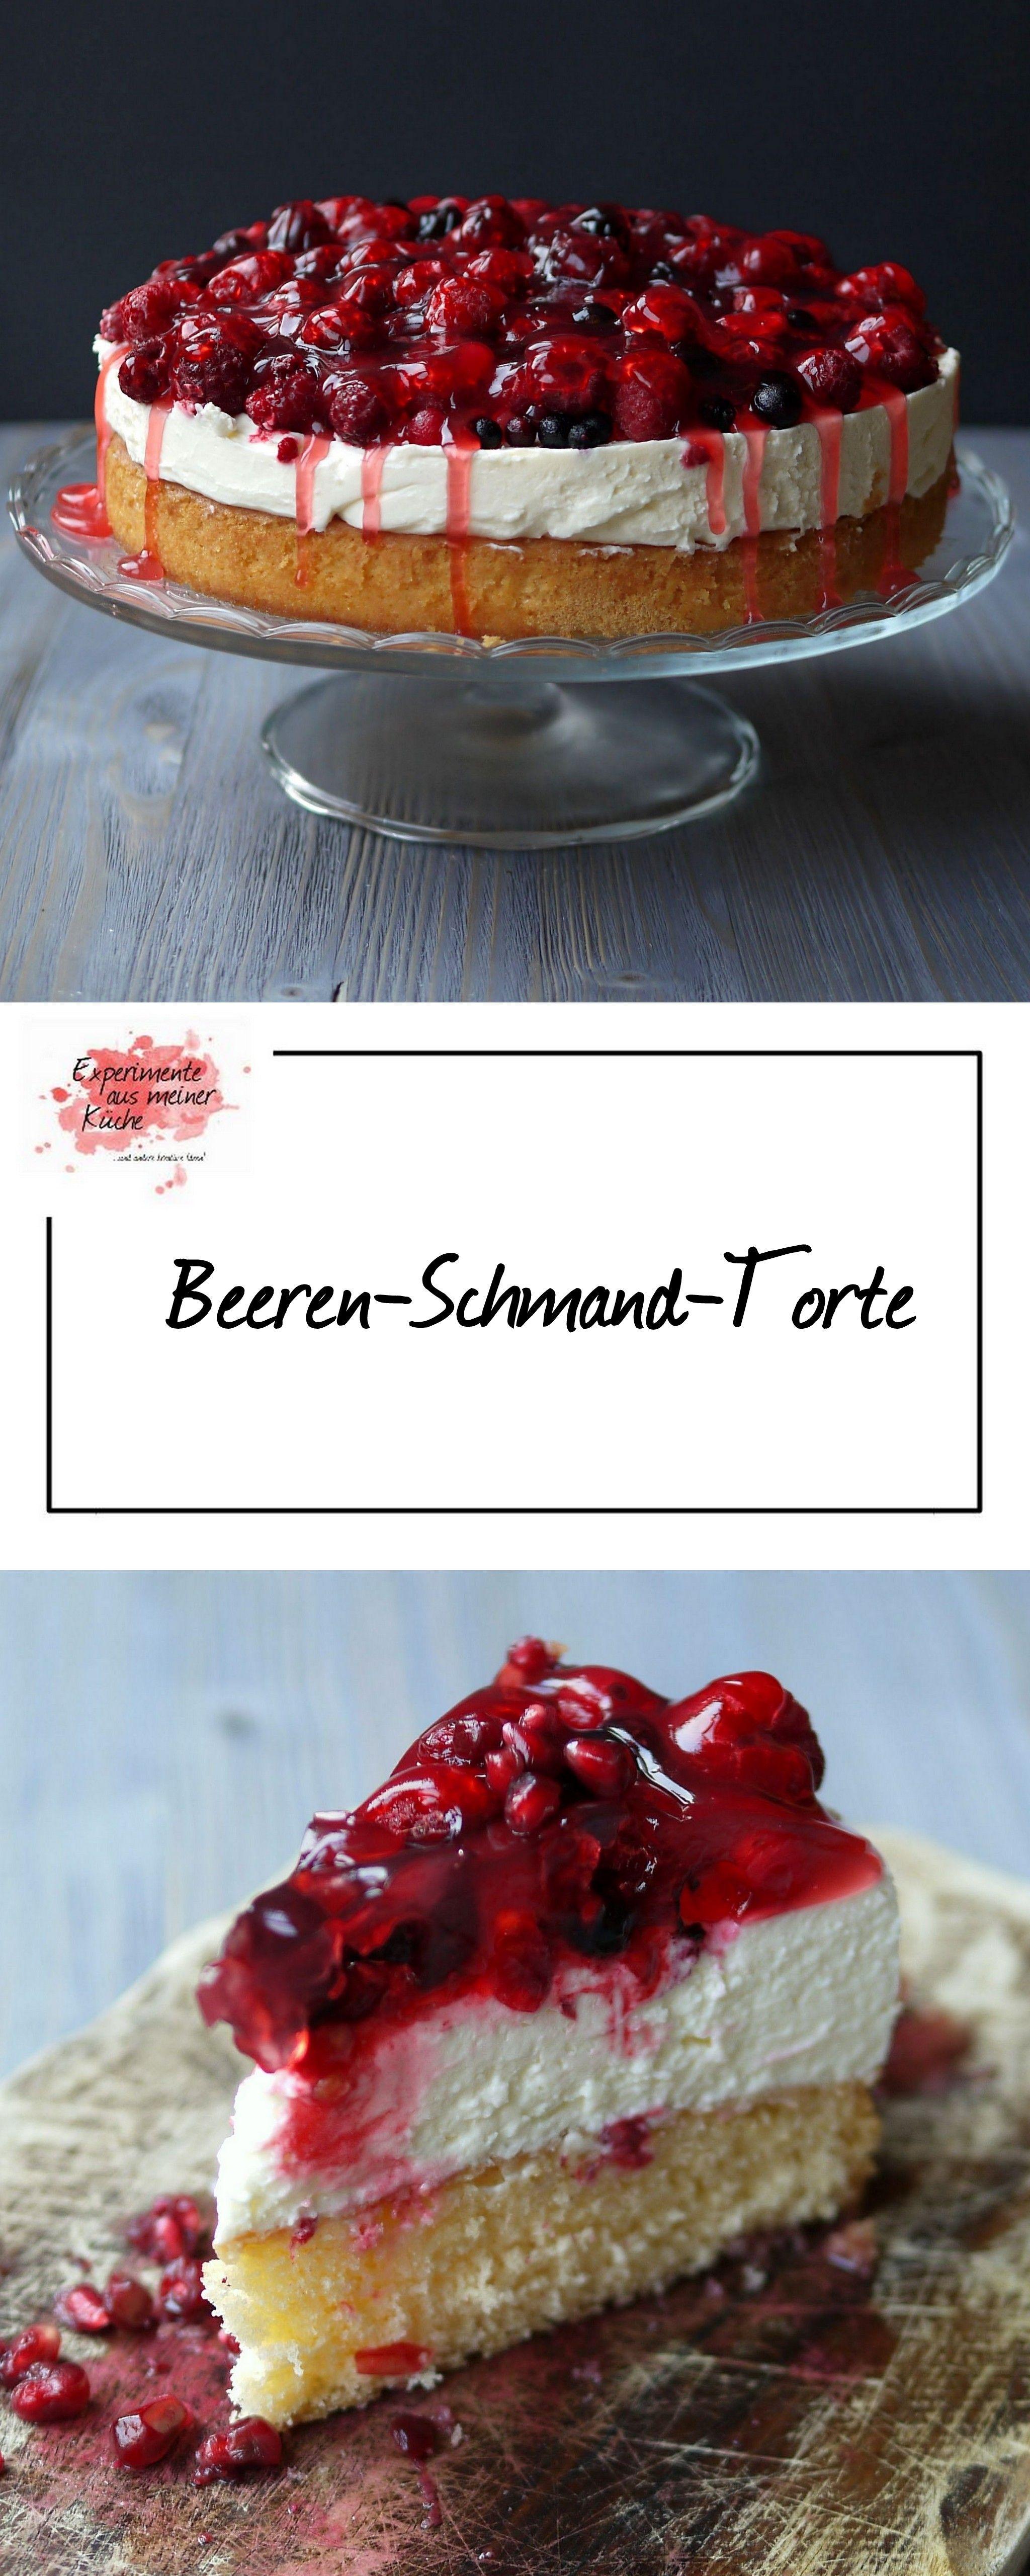 Beerentorte mit Schmand | Experimente aus meiner küche, Schmand und ...